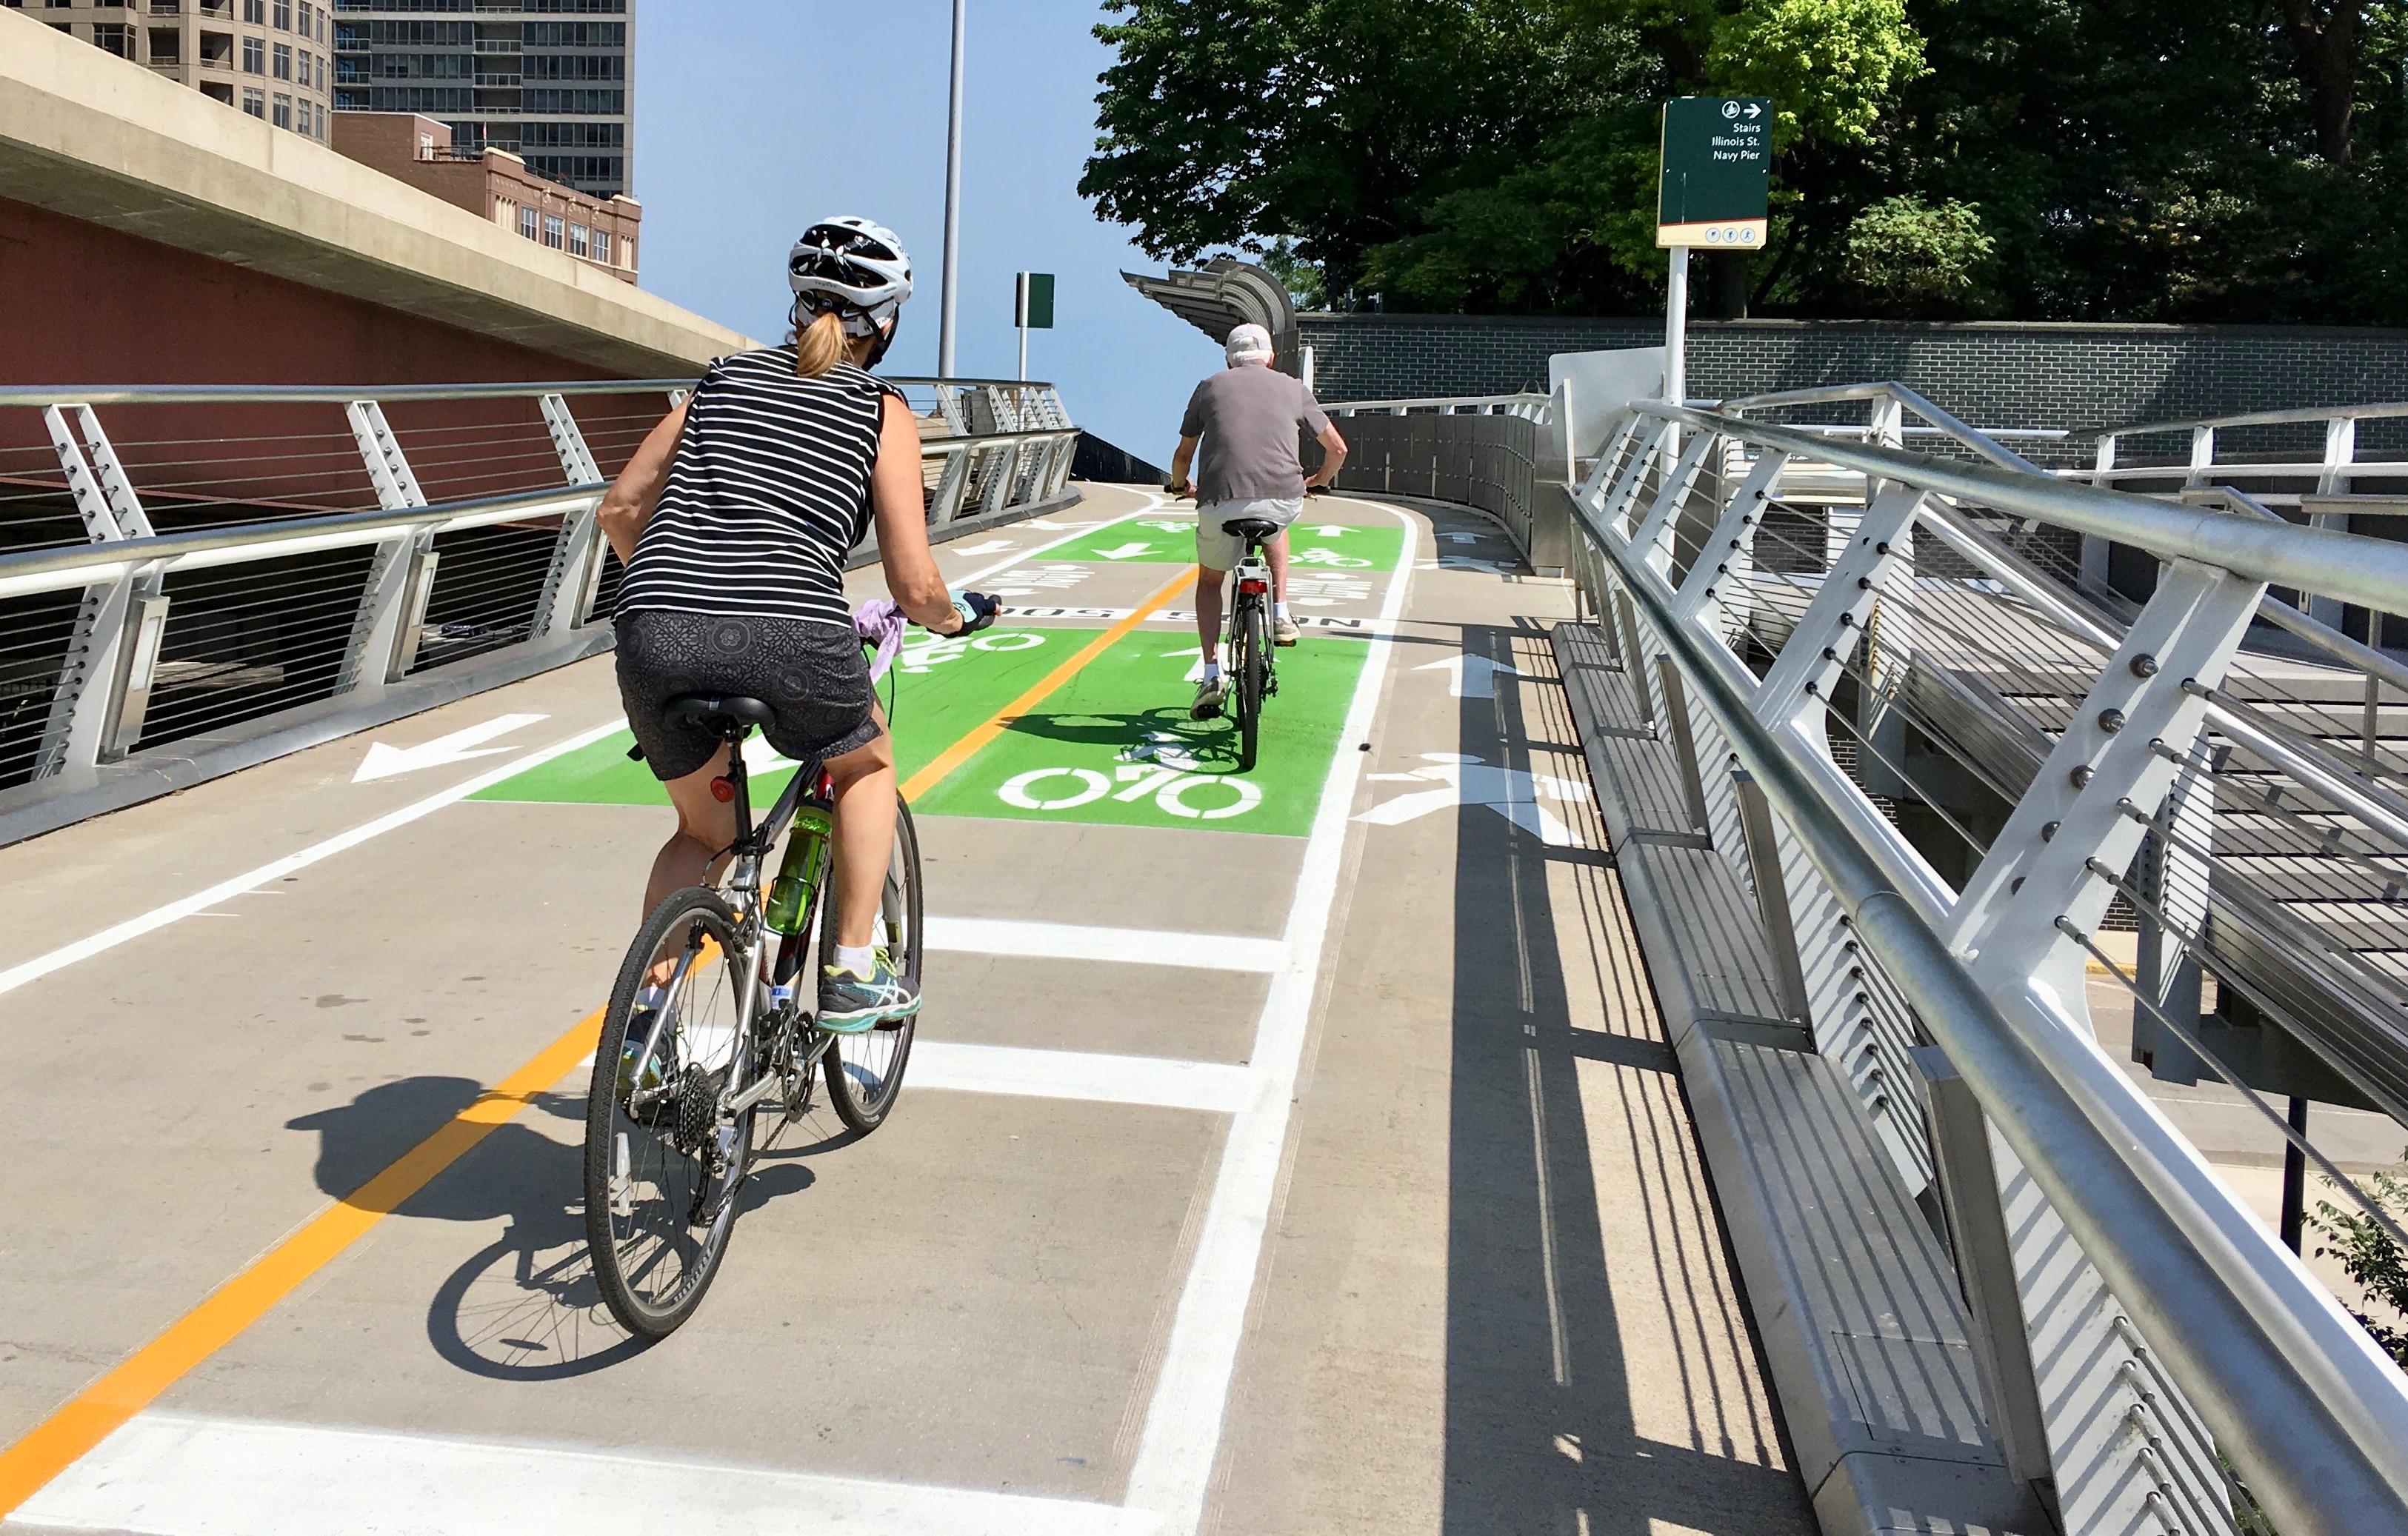 Two bikers on a concrete bike path.